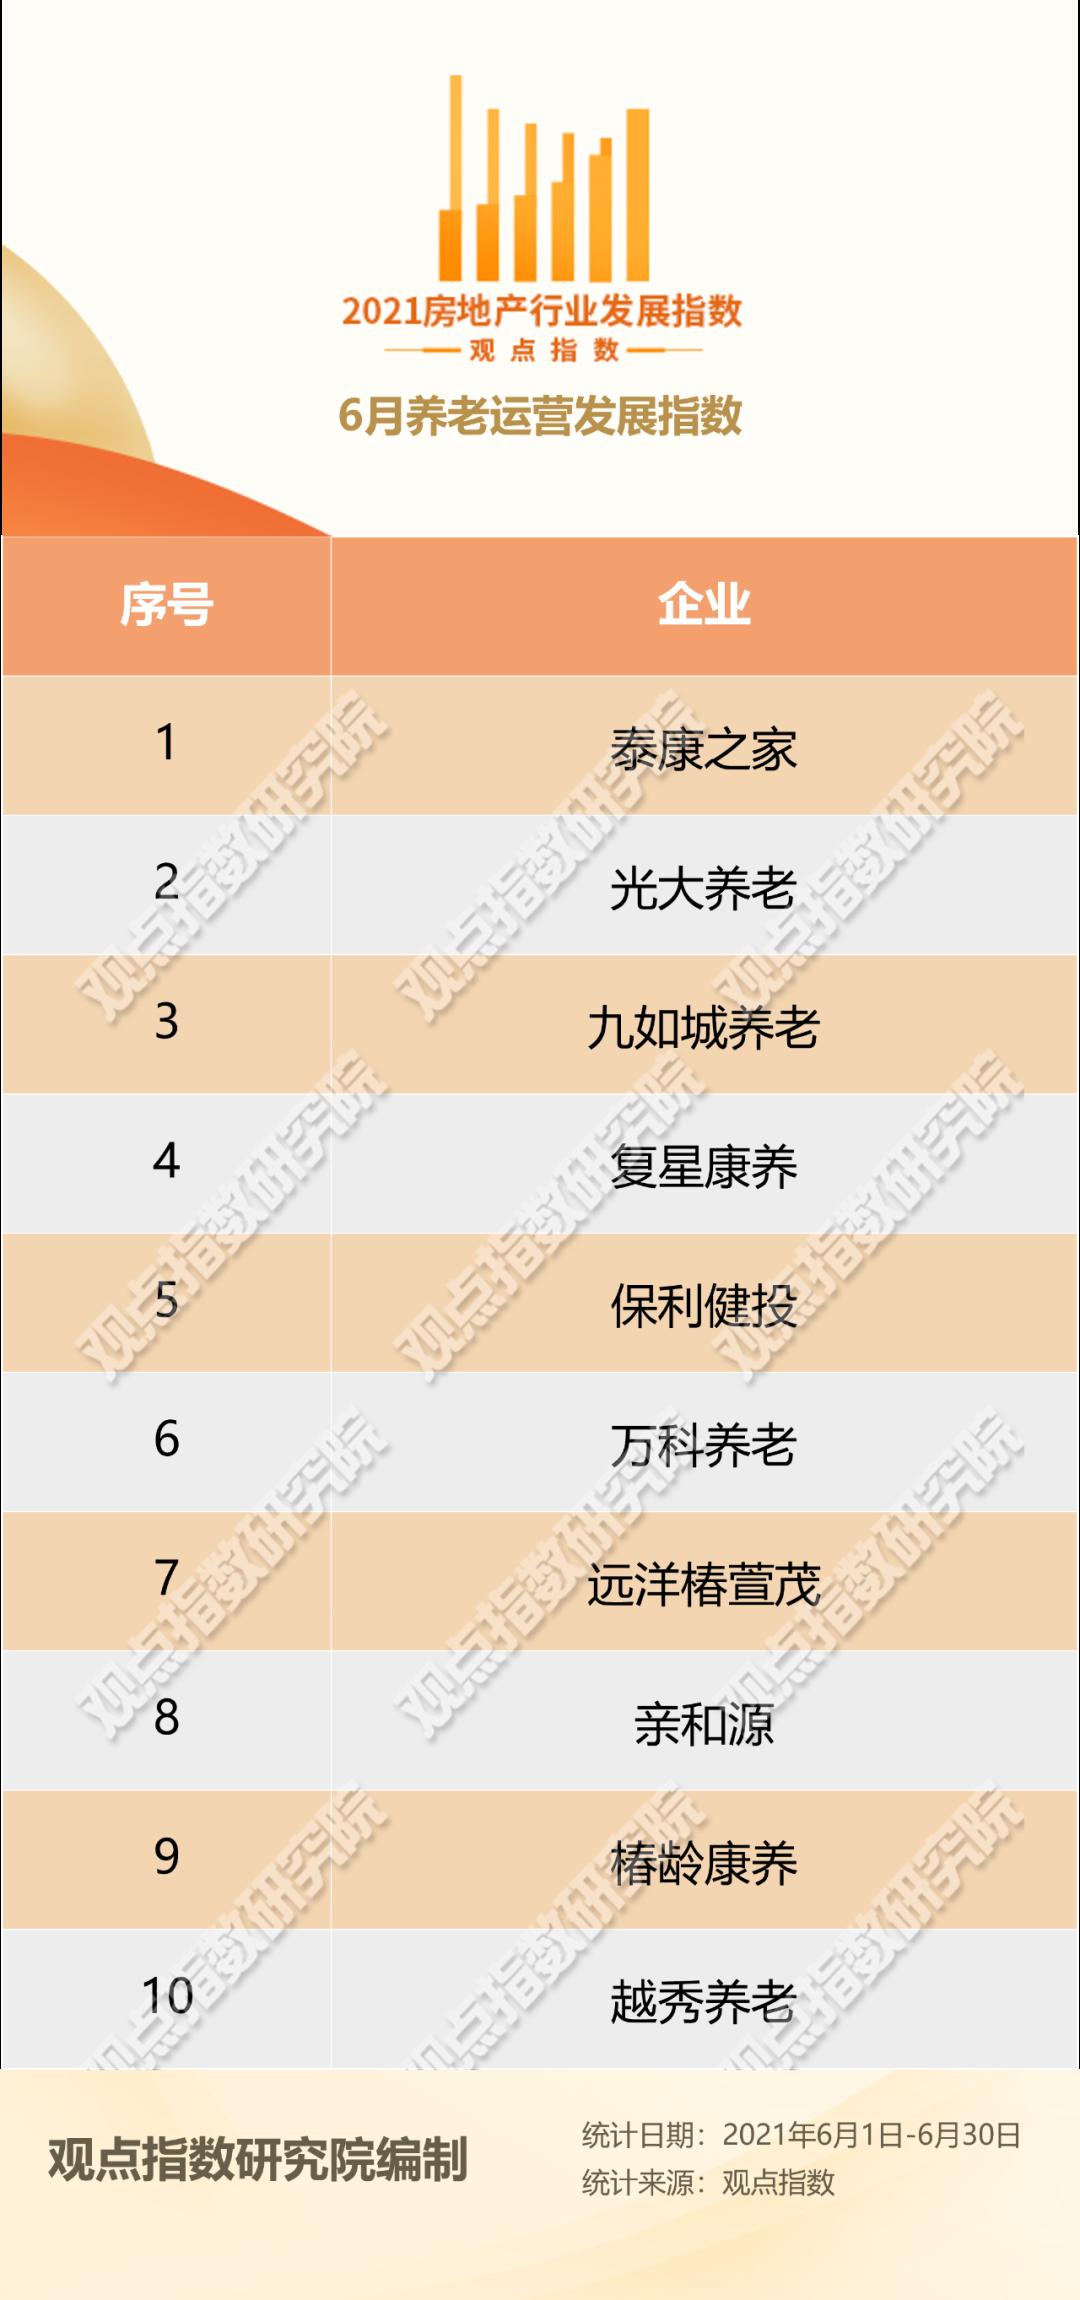 6月养老运营发展报告·观点月度指数